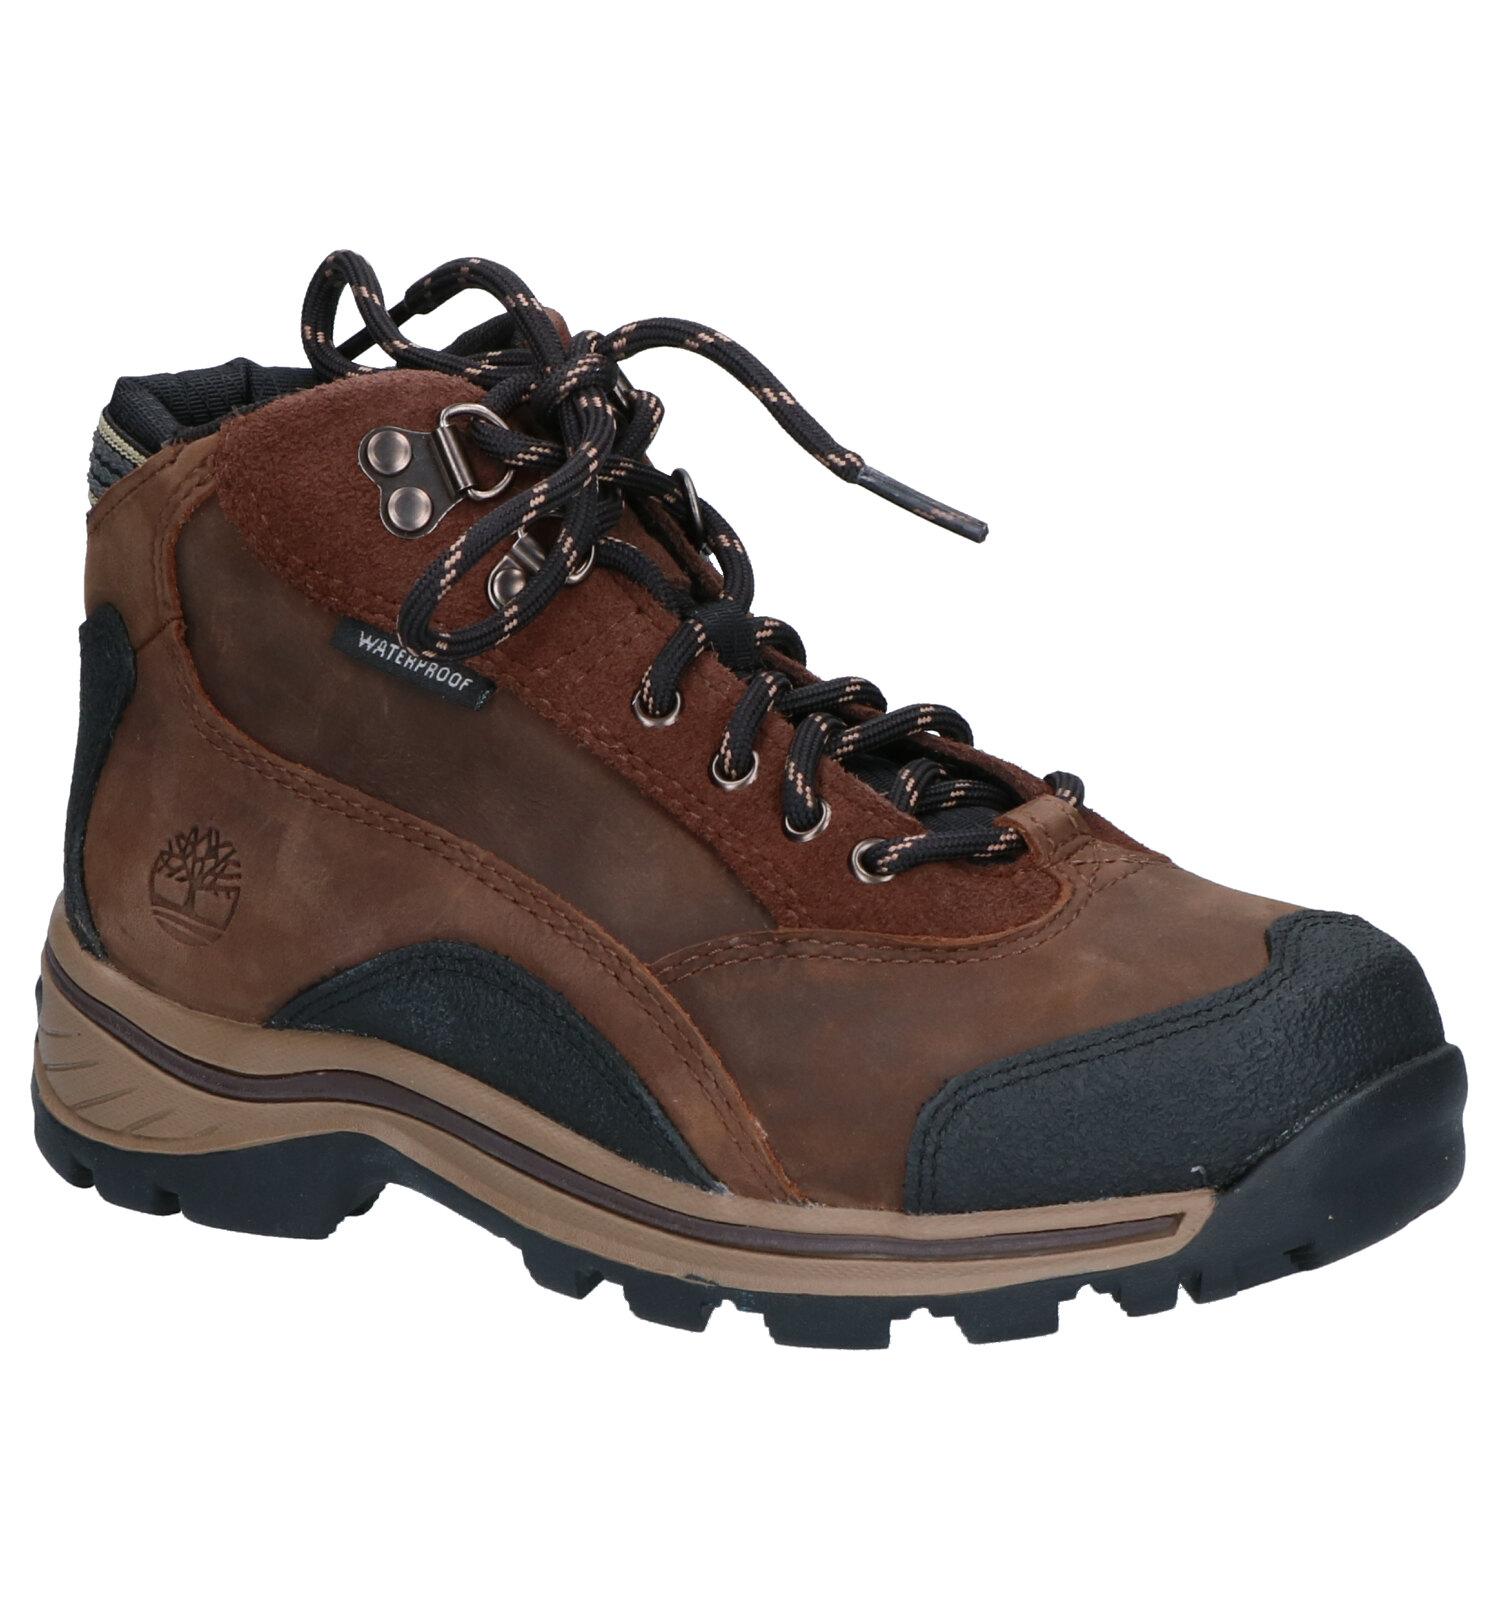 Timberland Patuckaway Hiker Cognac Boots | SCHOENENTORFS.NL | Gratis verzend en retour